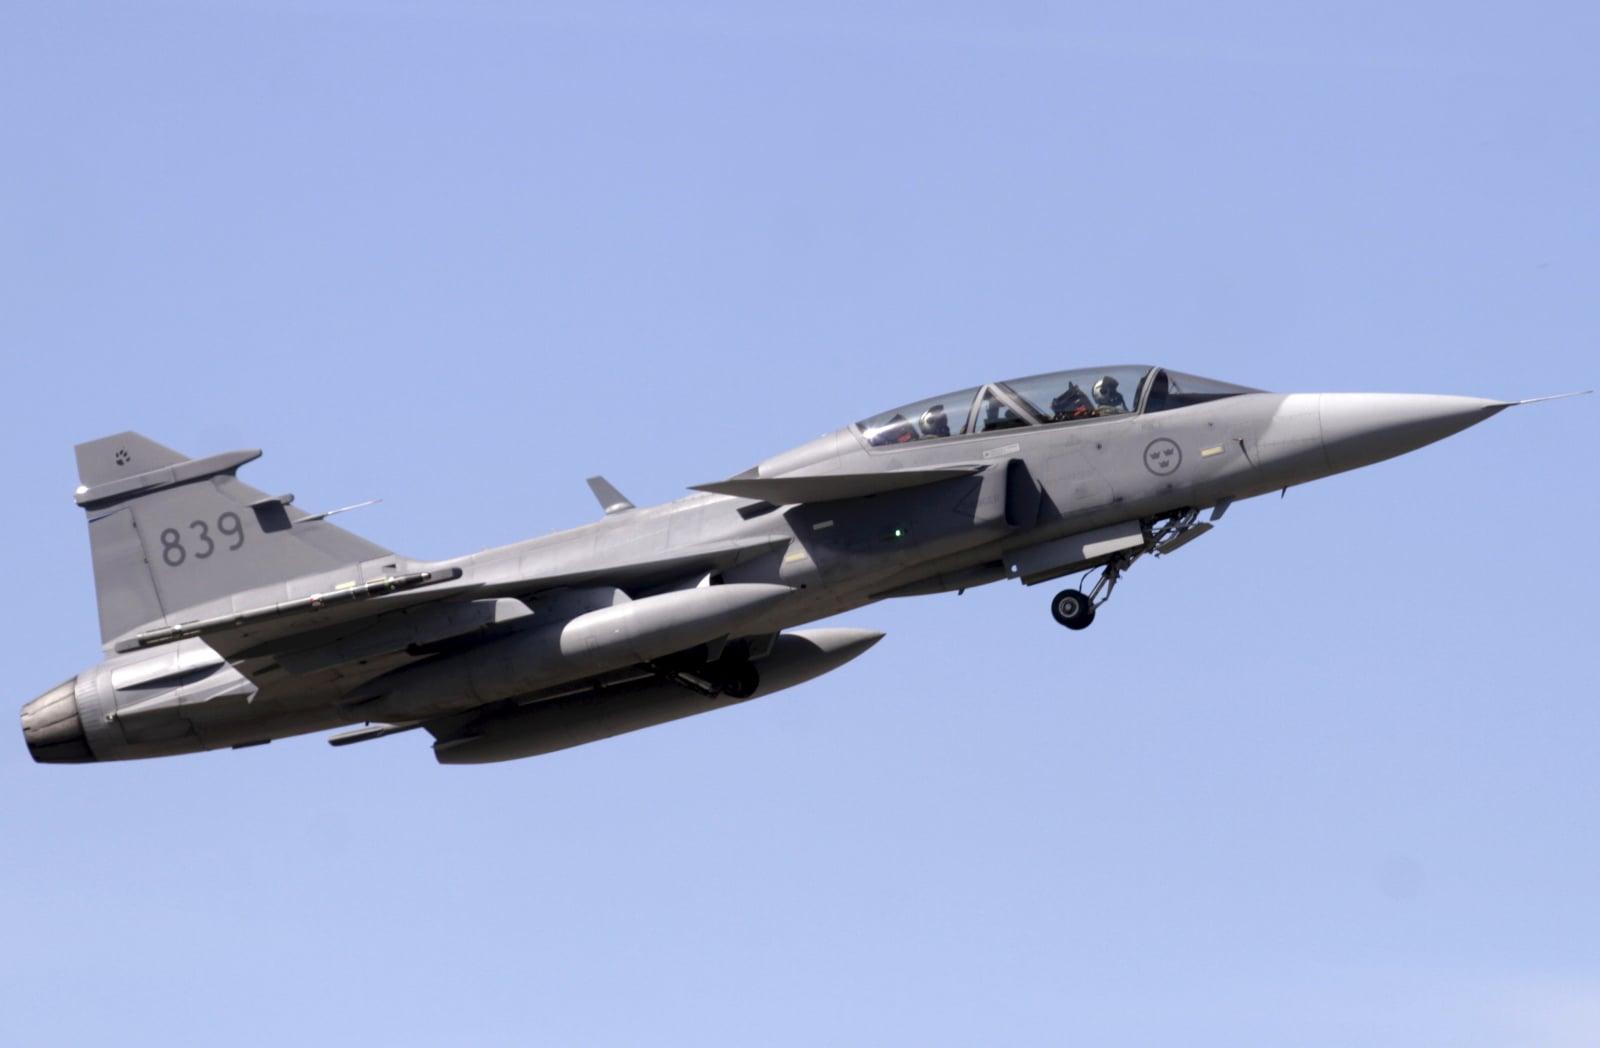 Ćwiczenia szwedzkich sił lotniczych fot. EPA/Valda Kalnina